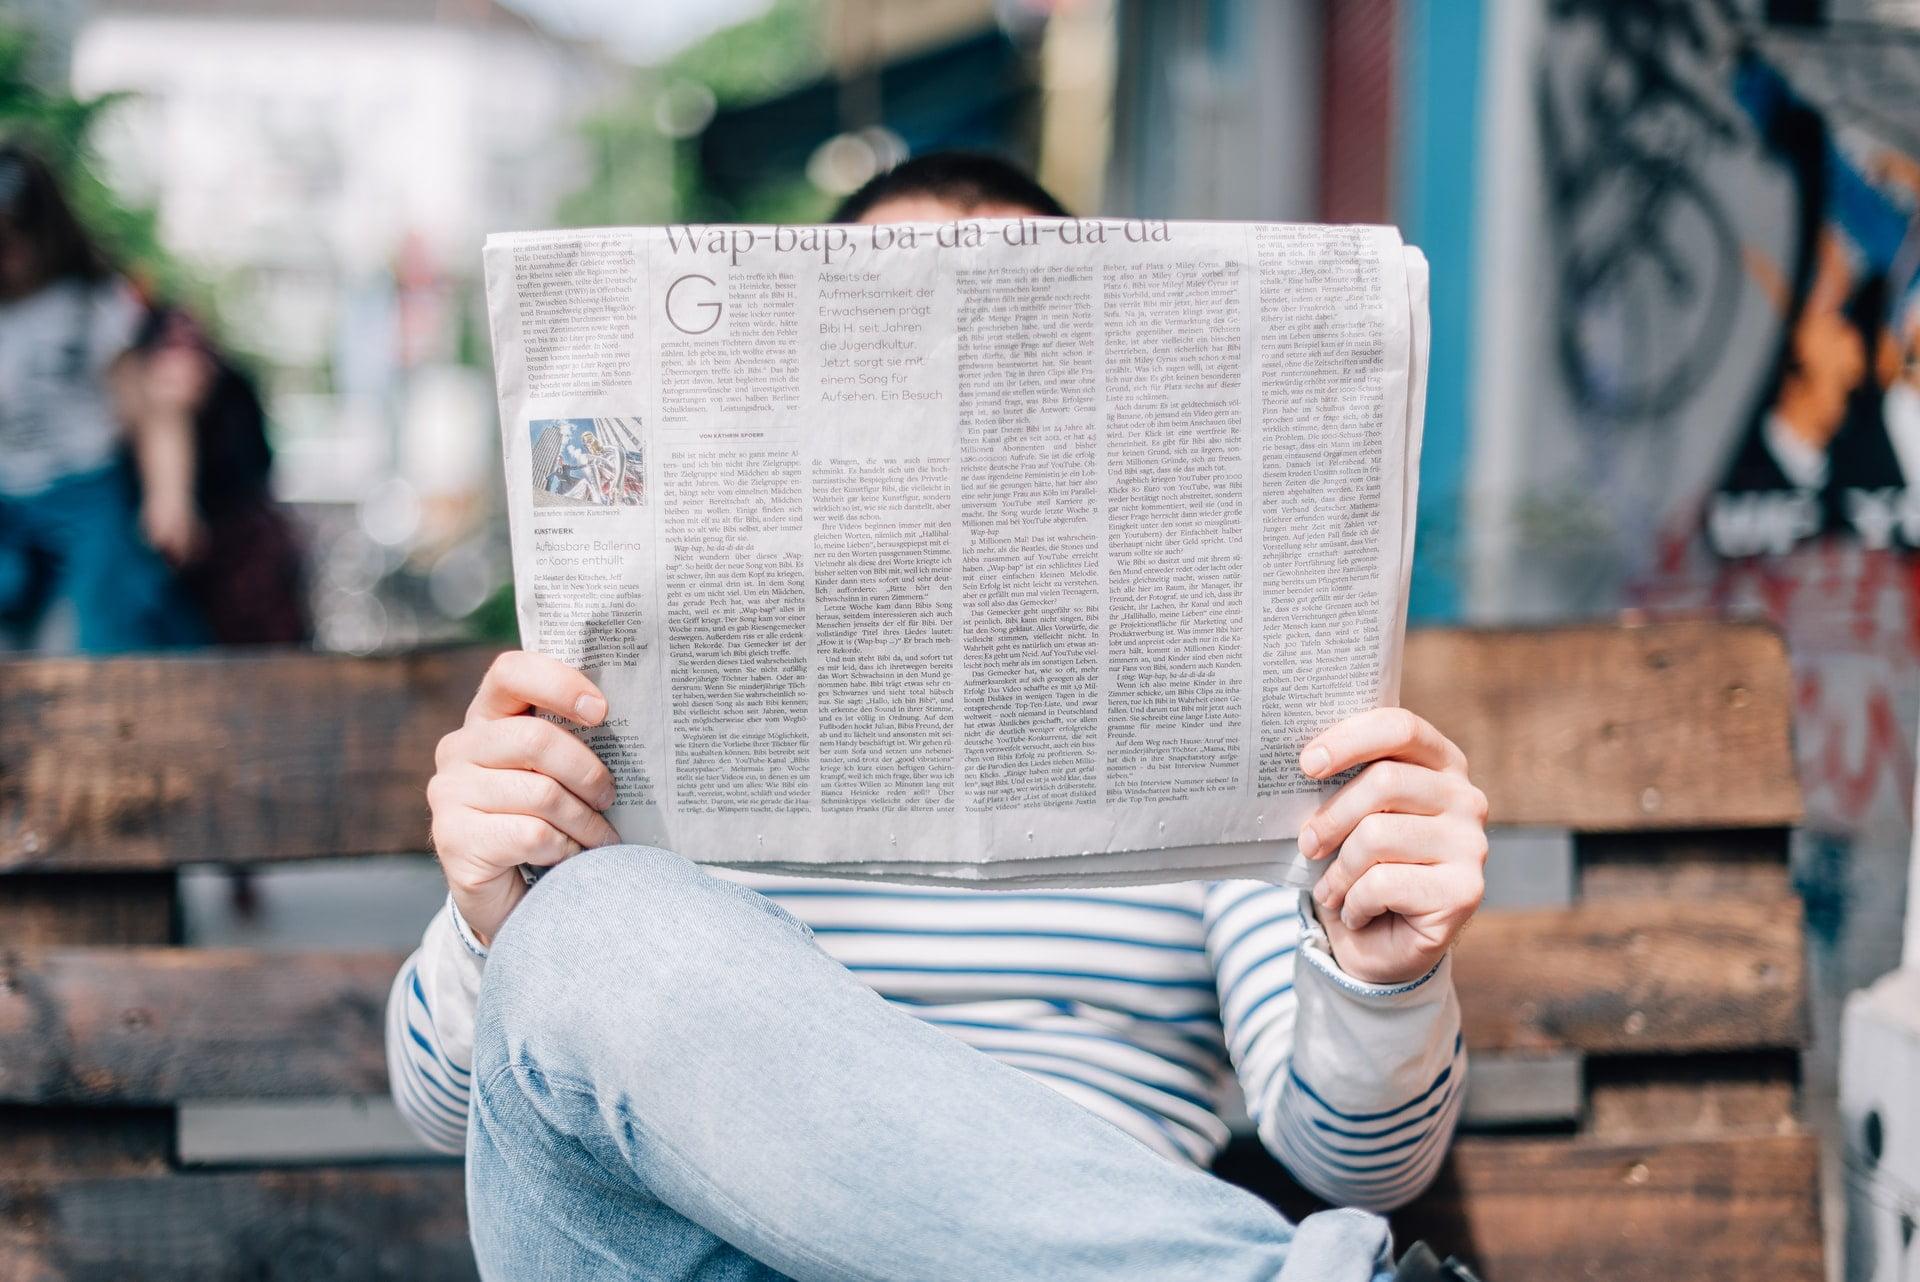 Nieuwsartikels laten schrijven door bloggers